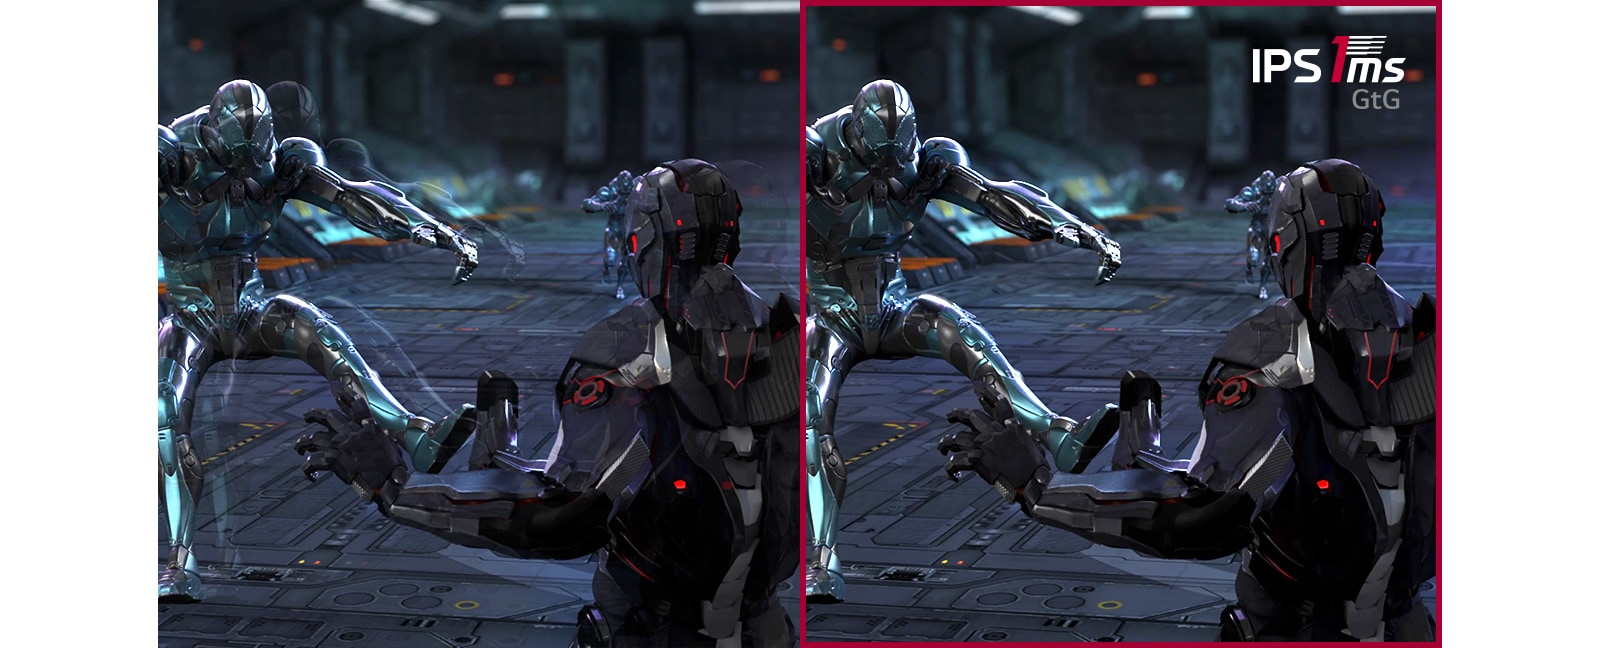 Khi người chơi che chắn và bắn lại 3 đối thủ trong trò chơi FPS có nhịp độ nhanh, cảnh game với thời gian phản hồi IPS 1ms (GtG) giữ cho hình ảnh rõ ràng hơn mà màn hình không bị mờ hay nháy, so với cảnh game có thời gian phản hồi IPS 5ms.